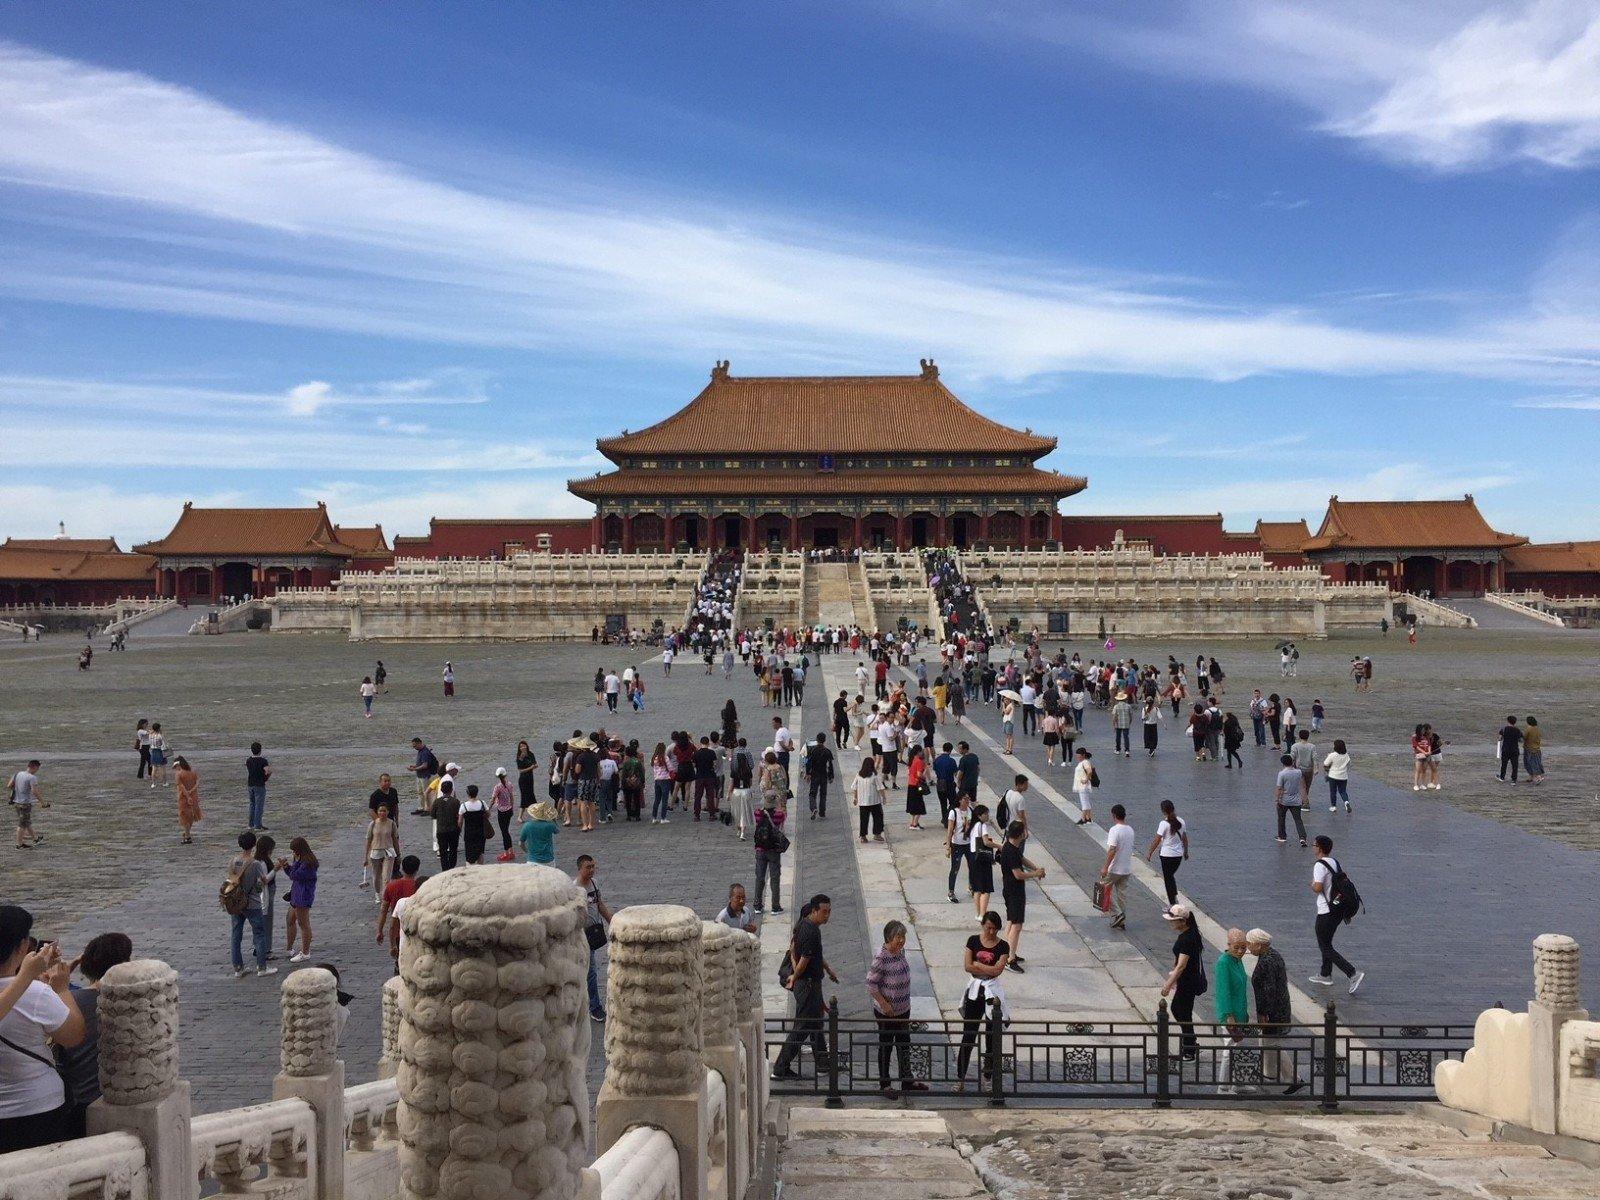 kinijos pasaulio prekybos sistema